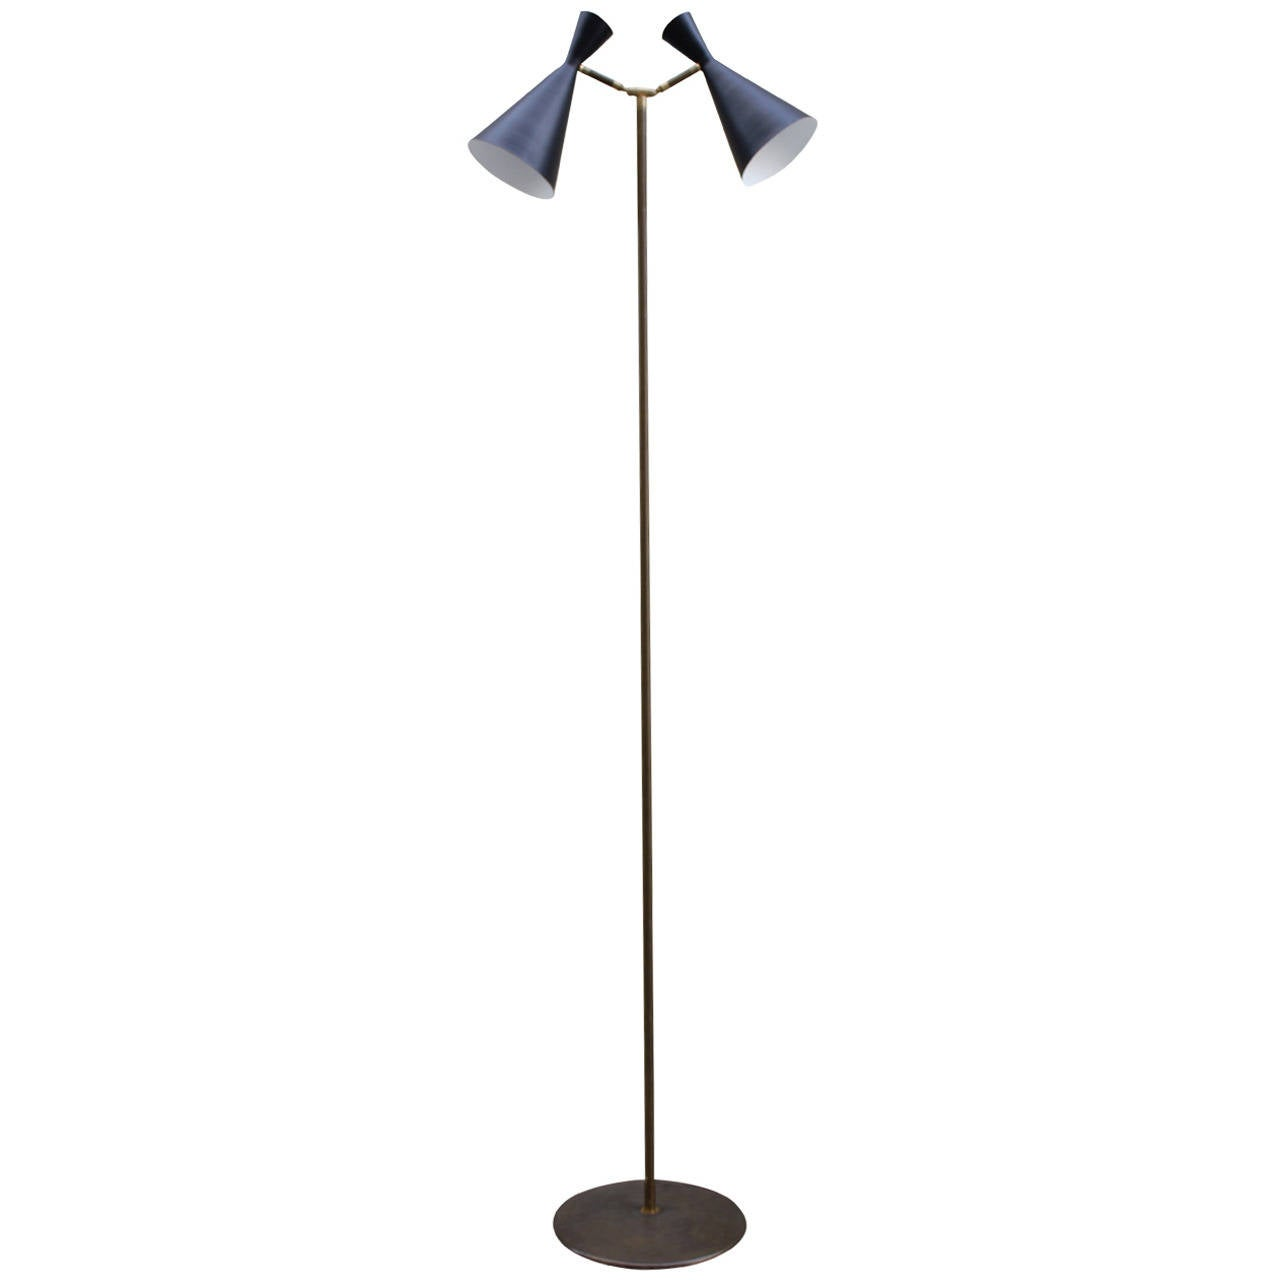 Brass and Metal Floor Lamp